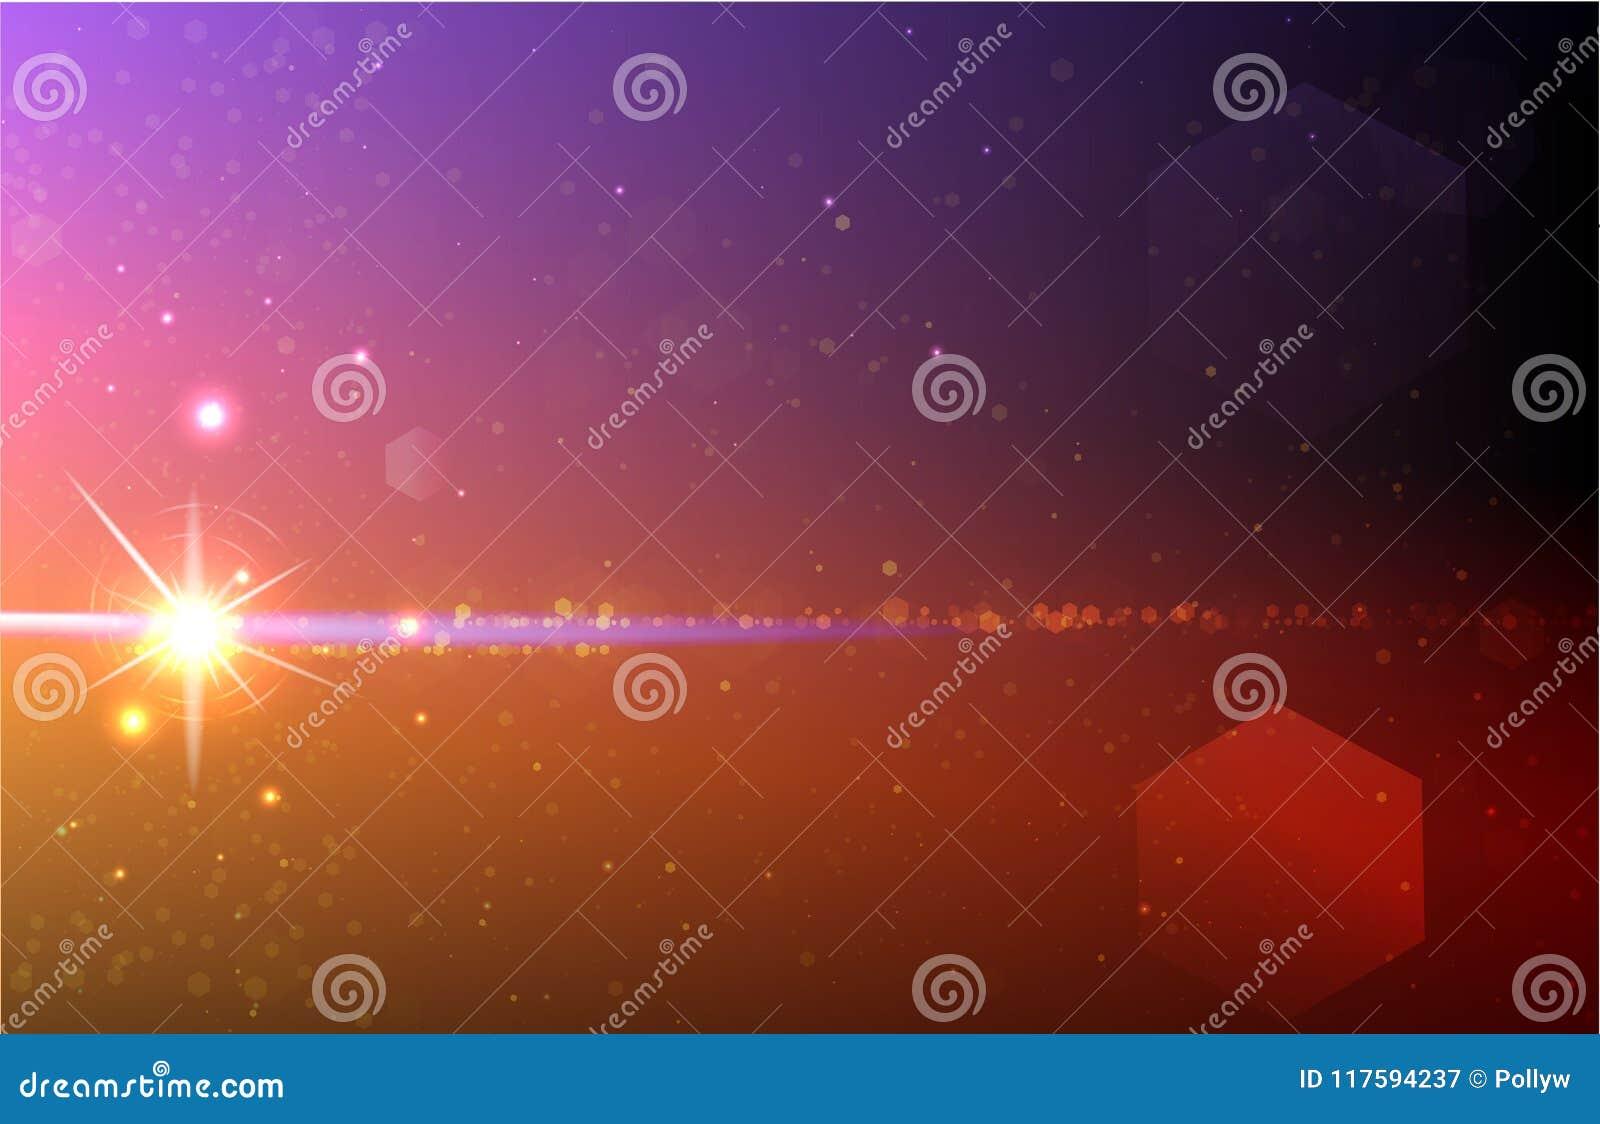 Cosmos big bang realistic vector illustration